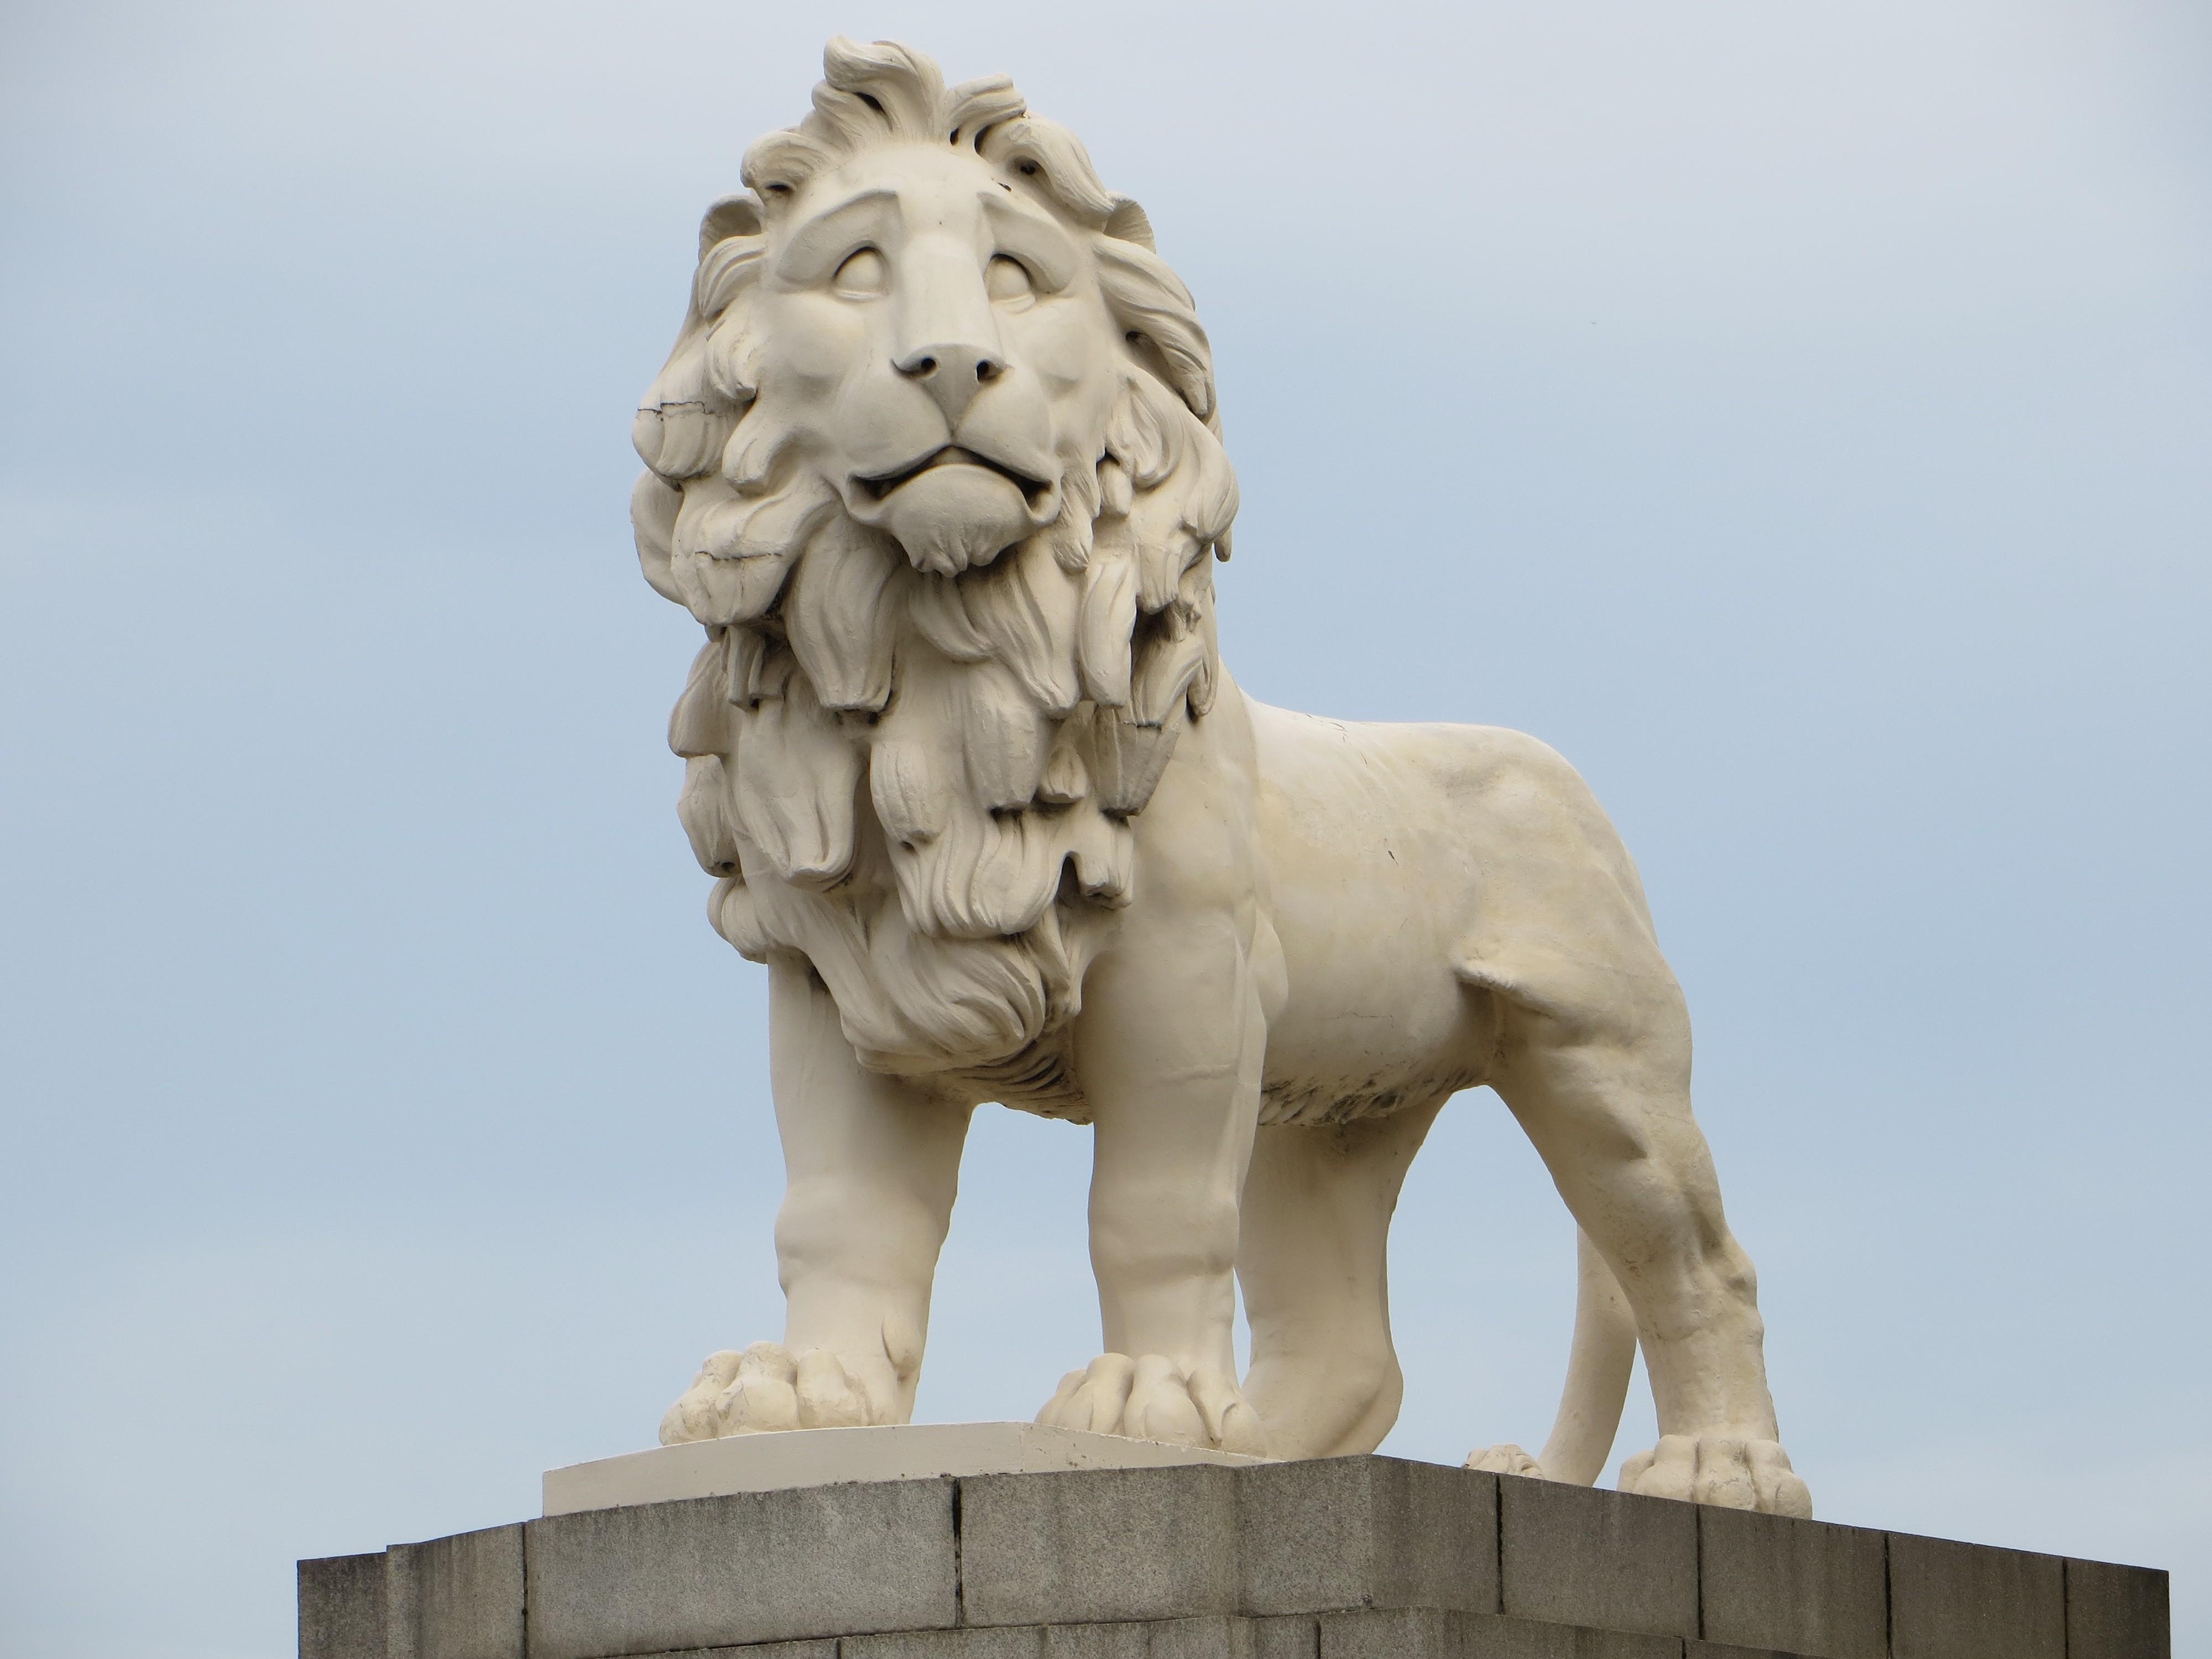 Coade Stone lion in London